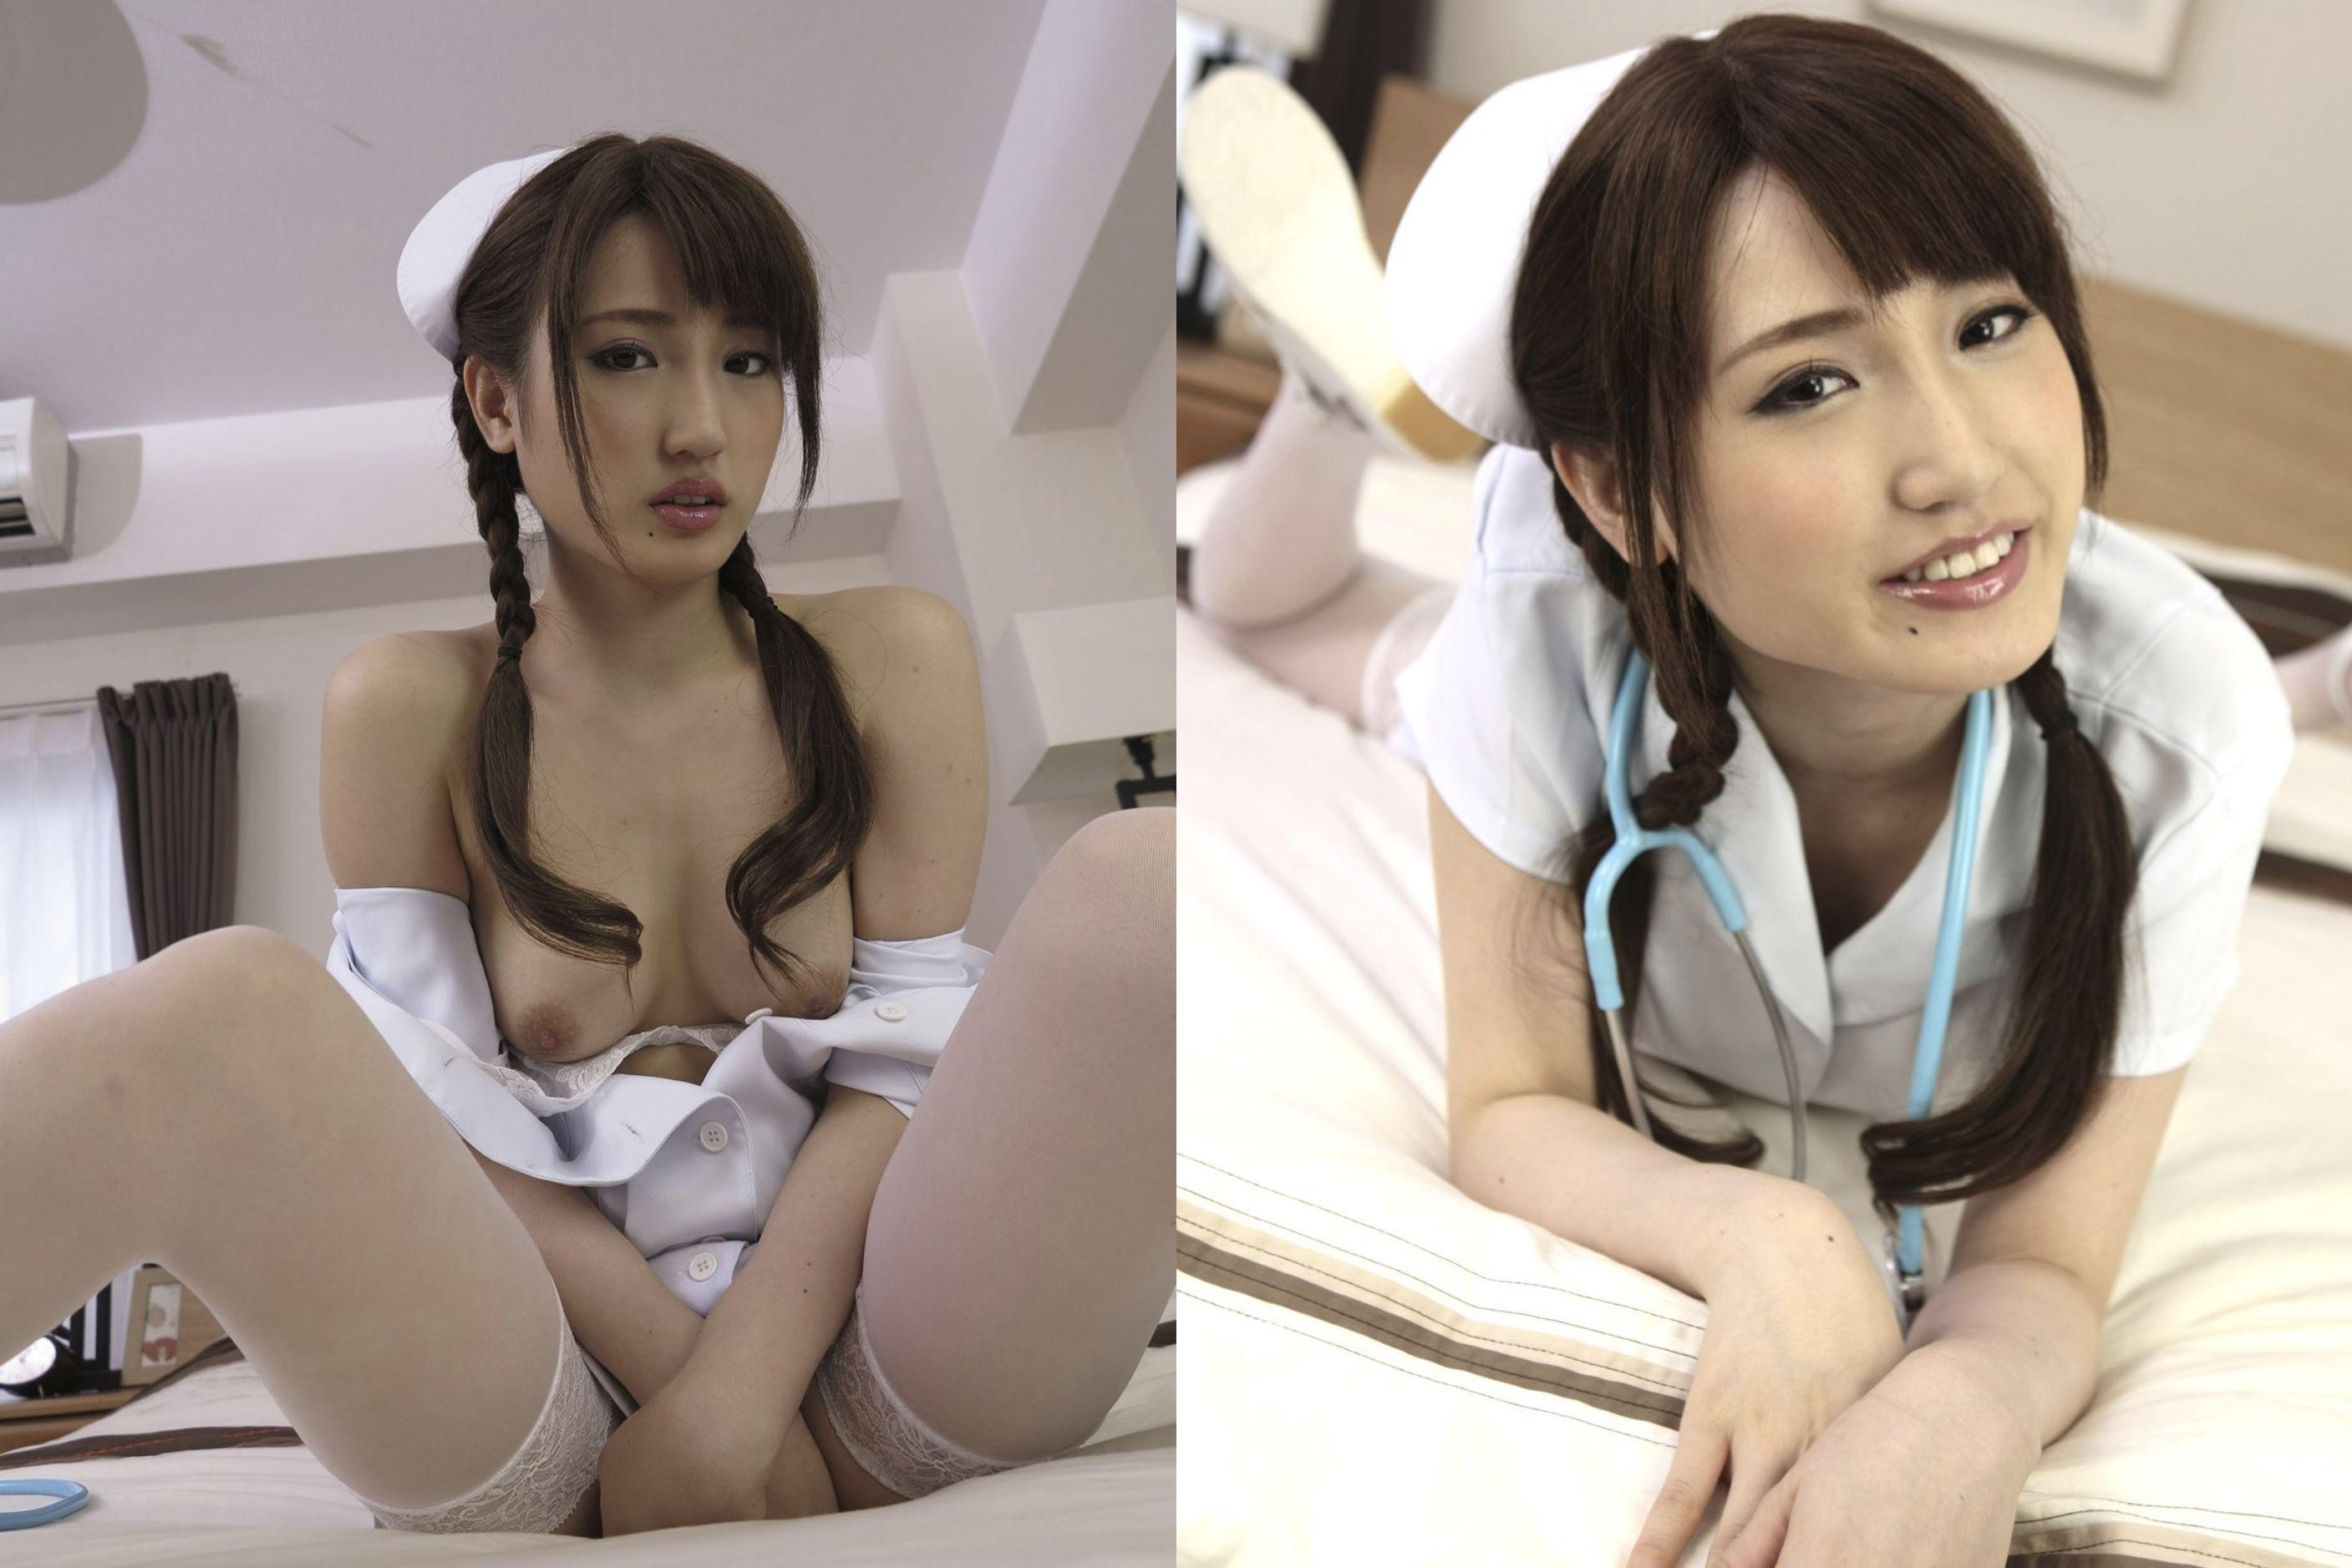 痴女覚醒エッチ 愛沢かりん ishot-051